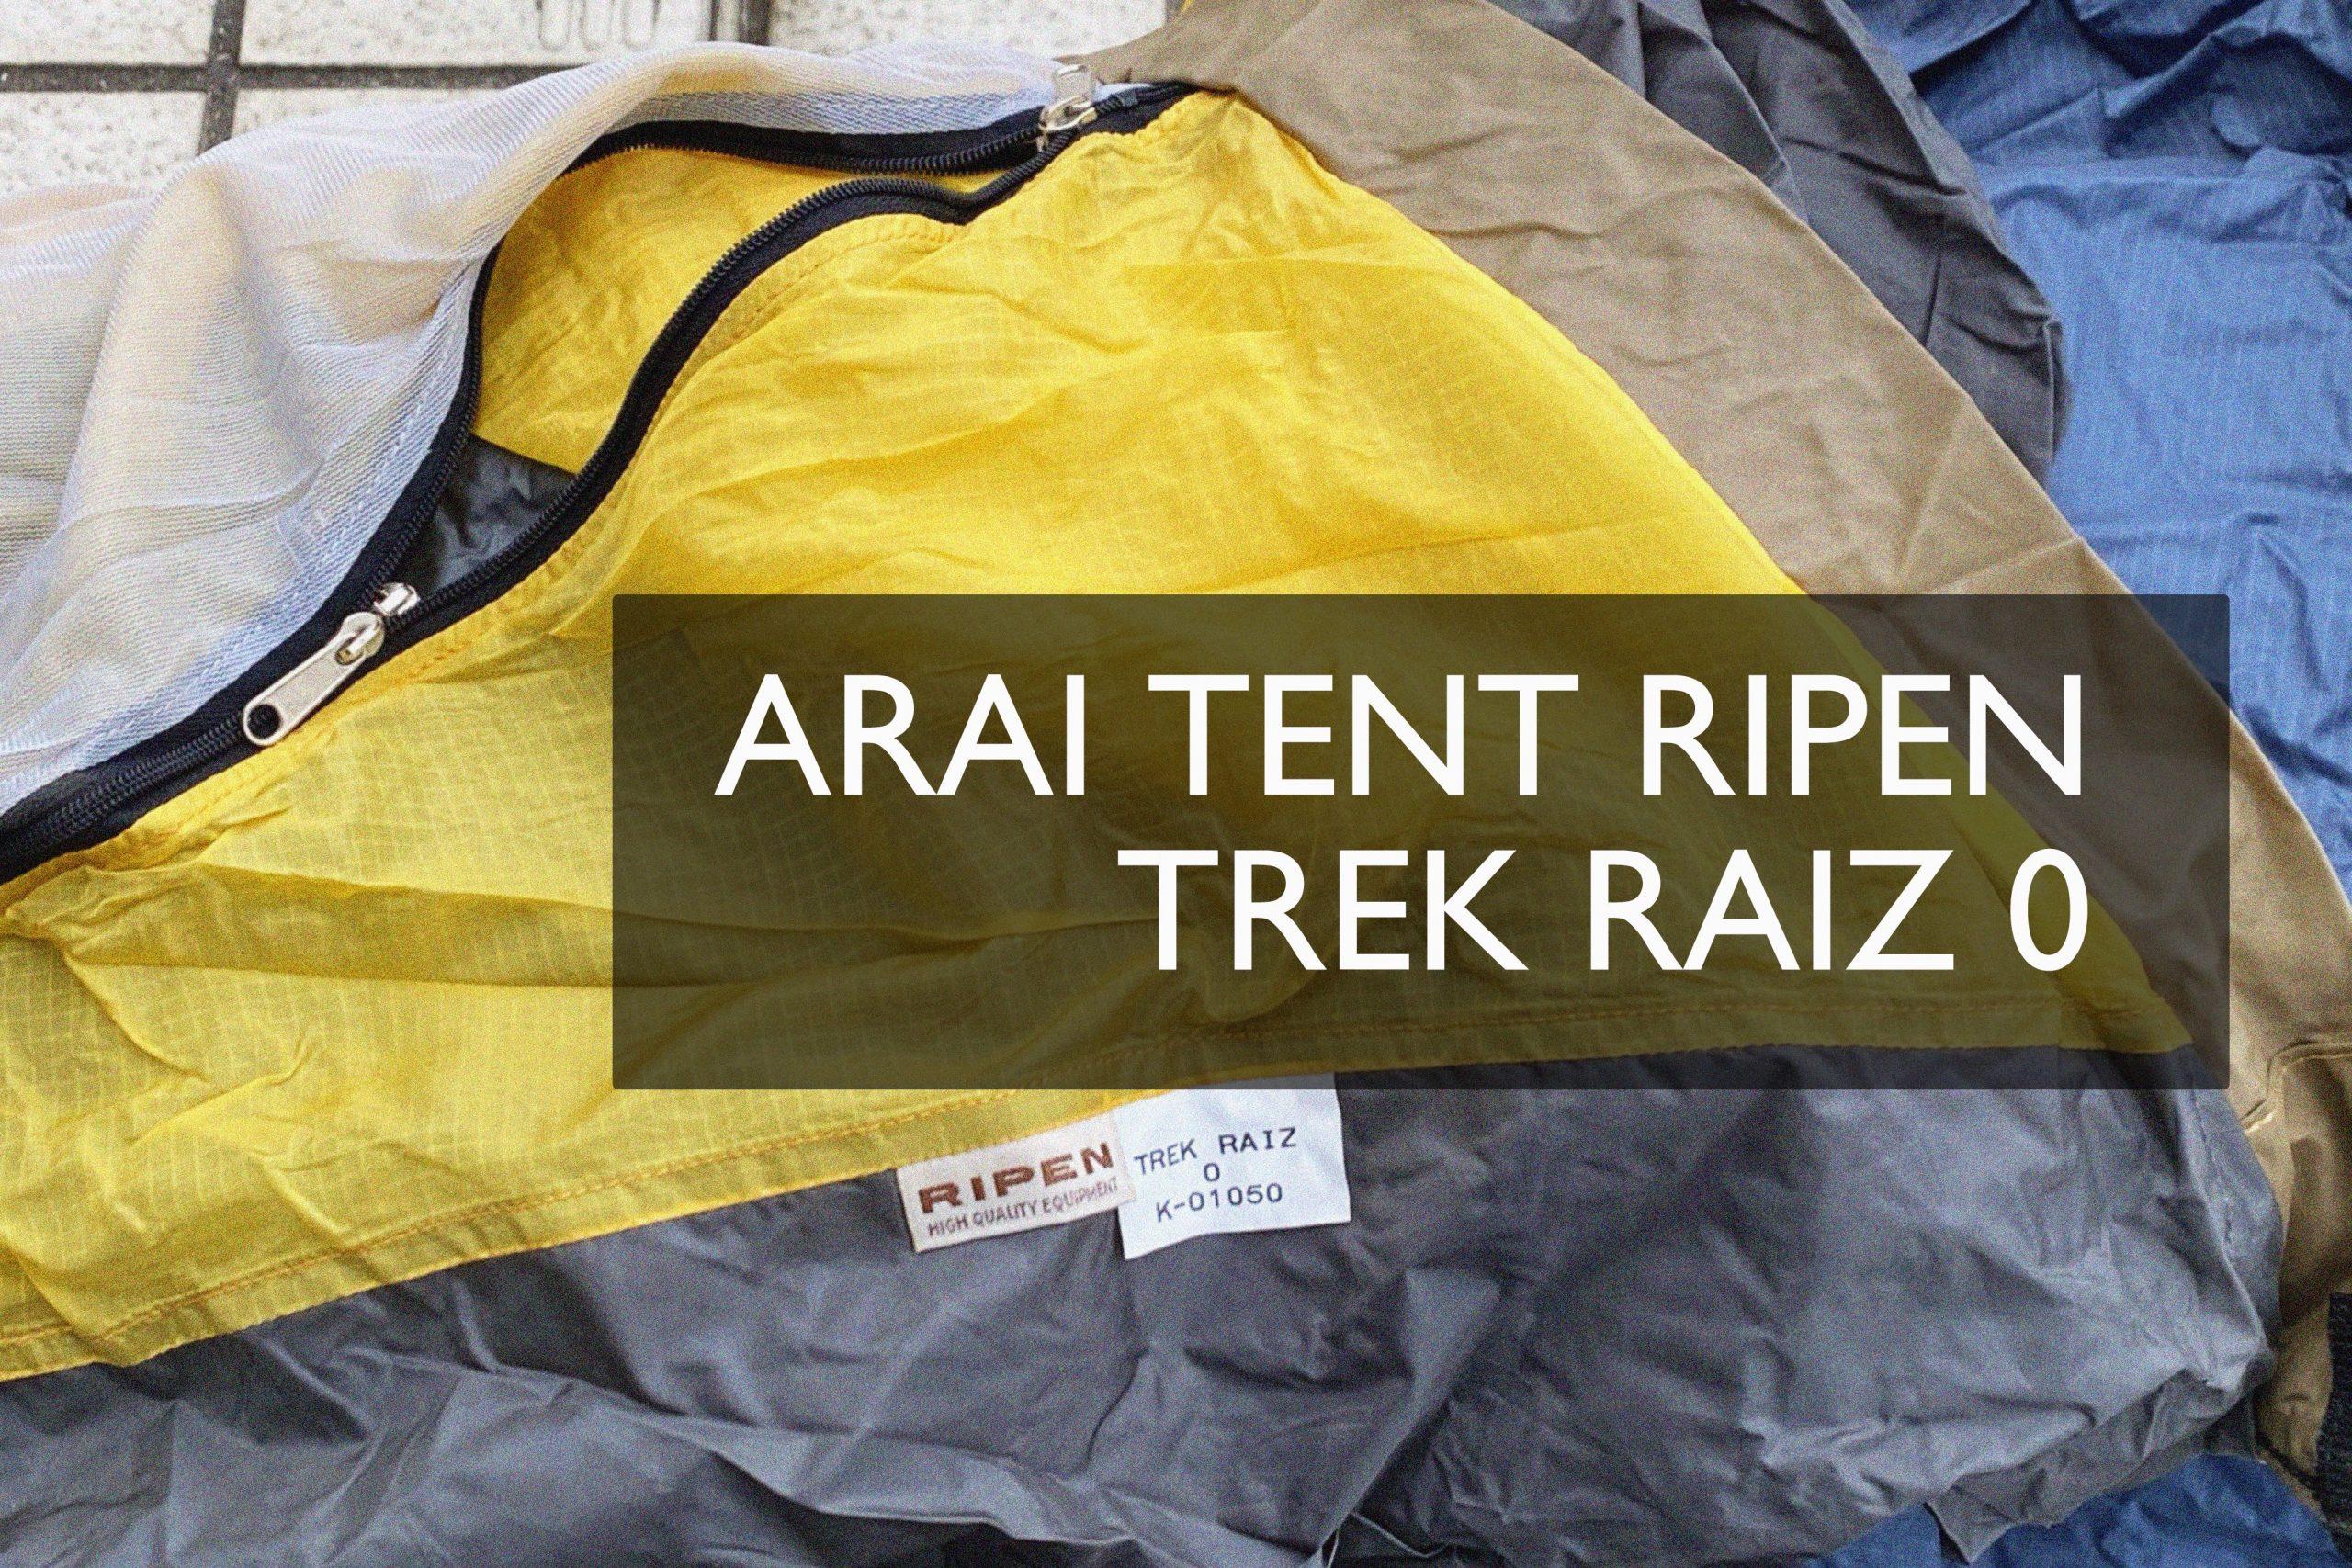 20年前のテントが元気に使えそう|アライテント・ライペン・トレックライズ0(RIPEN TREK RAIZ 0)